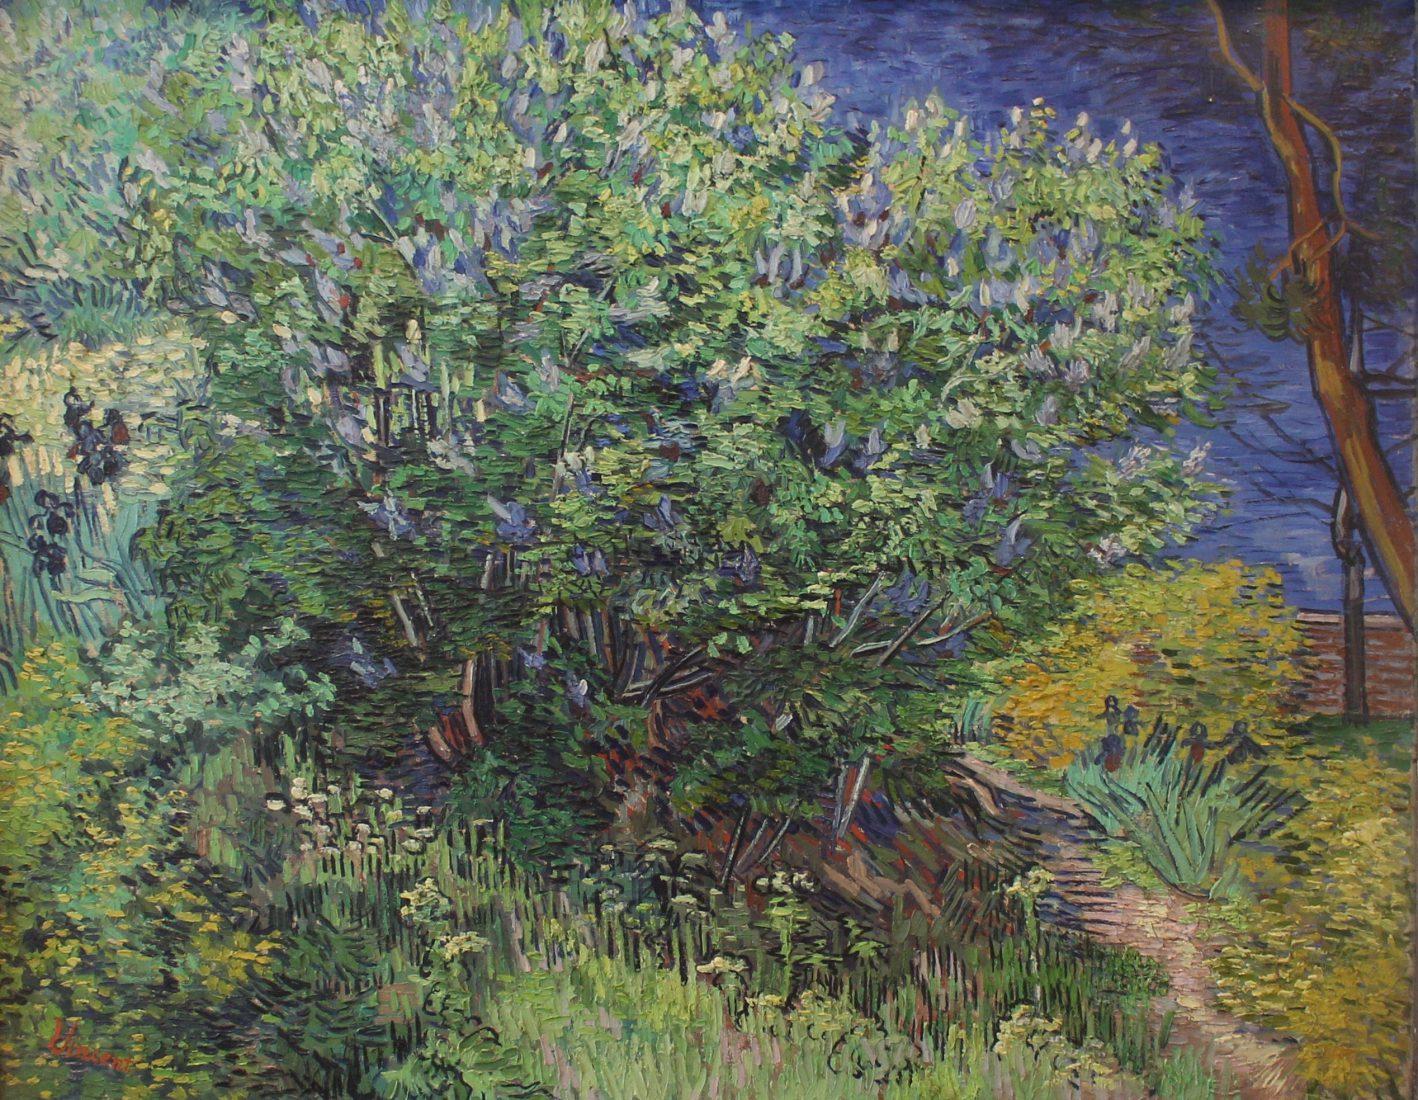 Saint Petersbourg musée Ermitage van Gogh